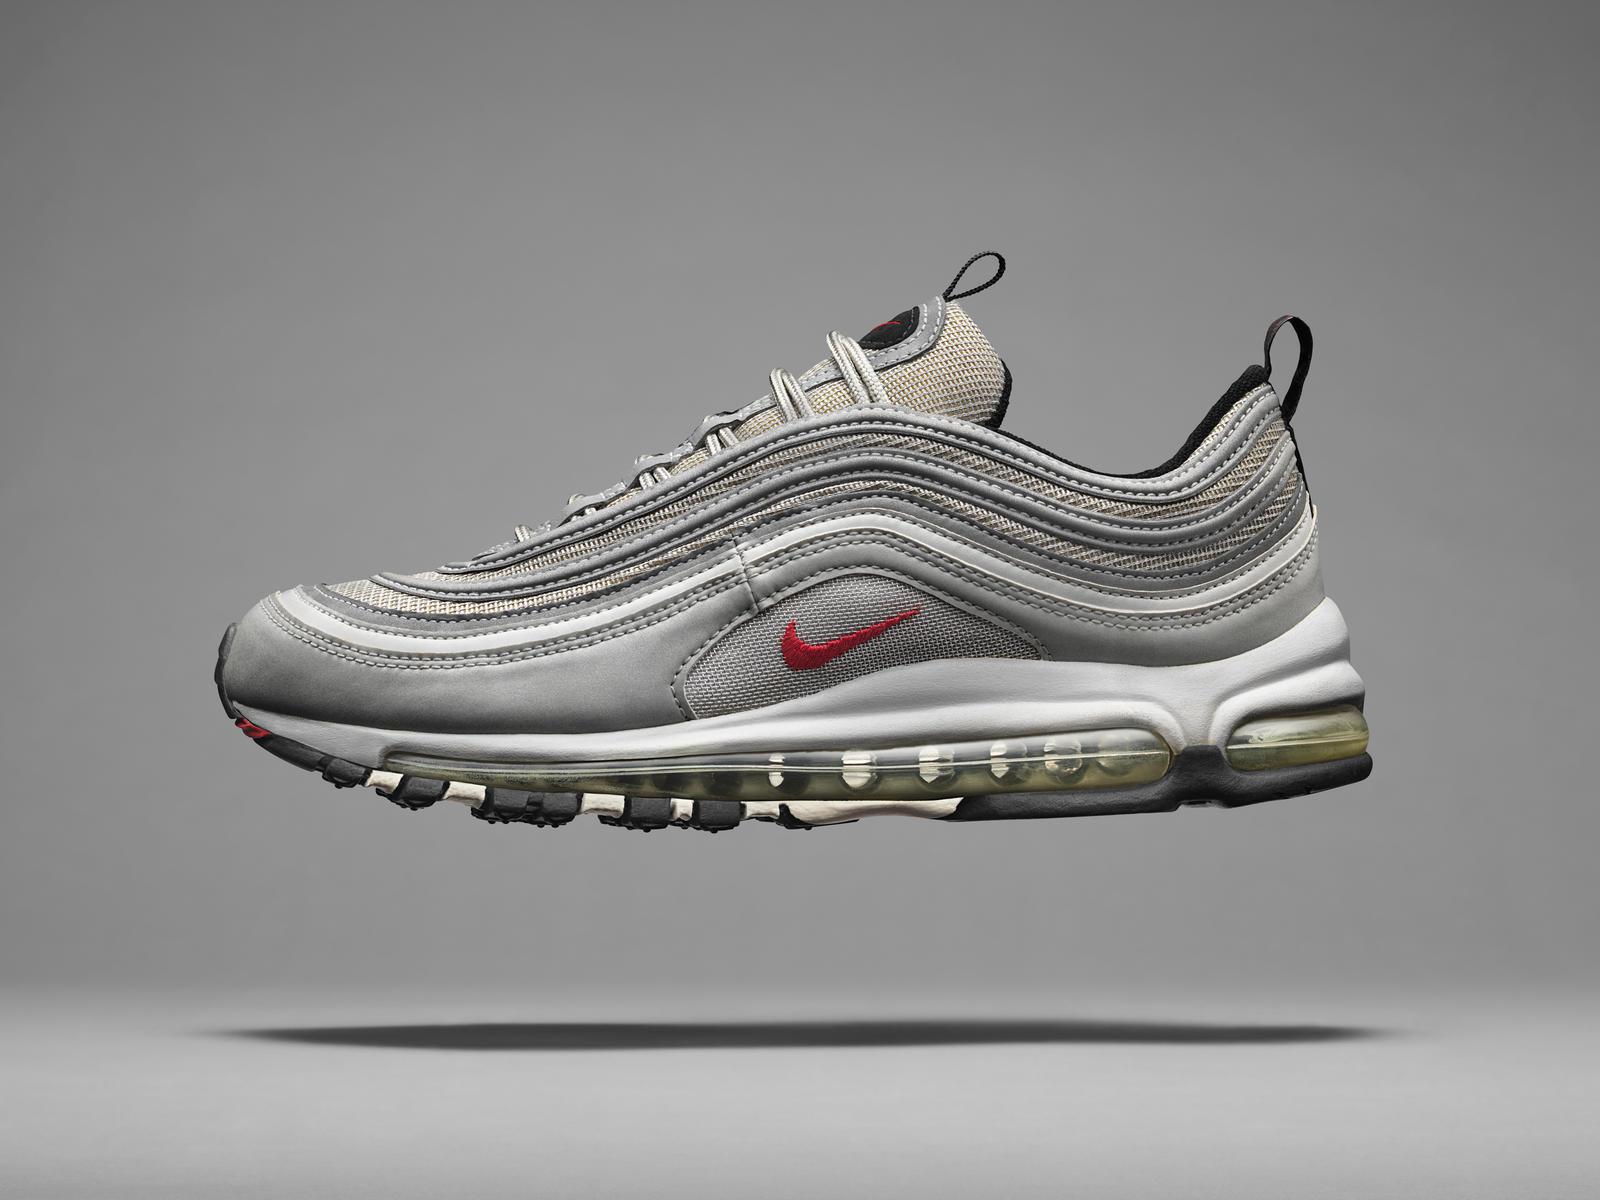 nike air max 97 360 shoes